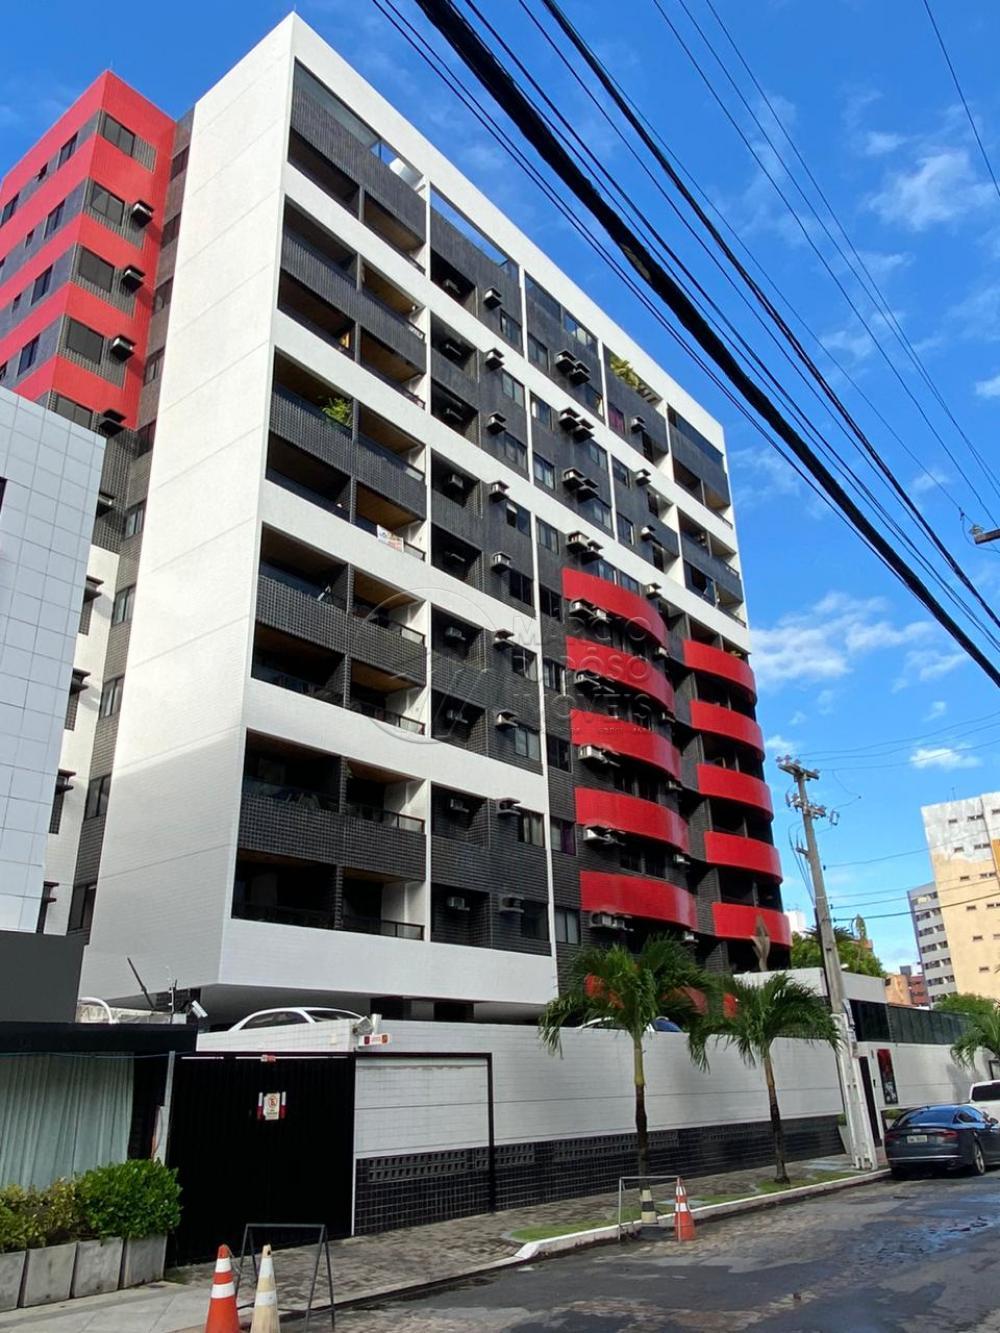 Comprar Apartamento / Cobertura em Maceió apenas R$ 1.240.000,00 - Foto 1